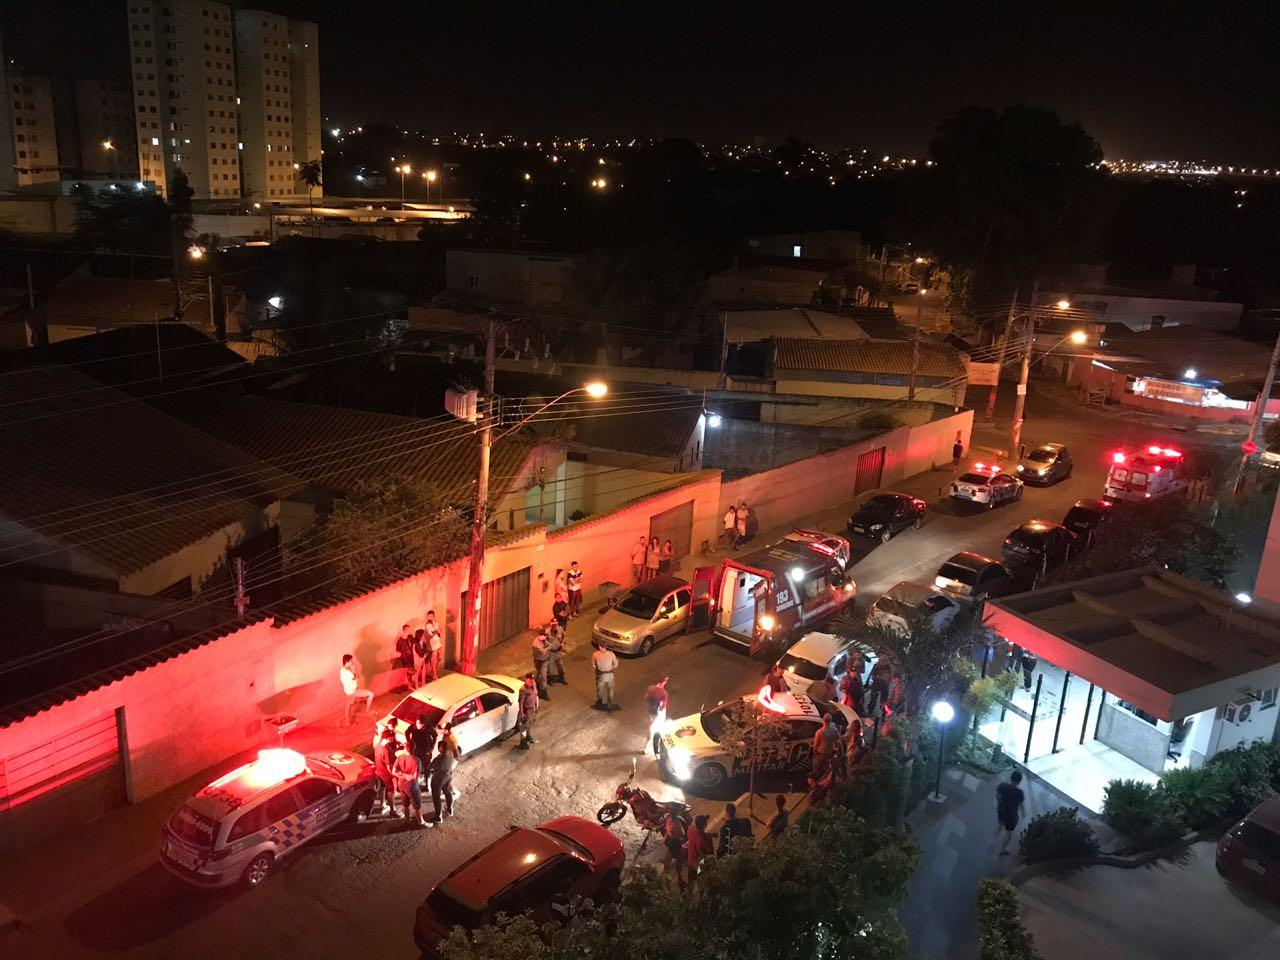 WhatsApp Image 2018 09 08 at 21.41.07 1 - Festa de policiais e agentes prisionais termina em tiros dentro de condomínio